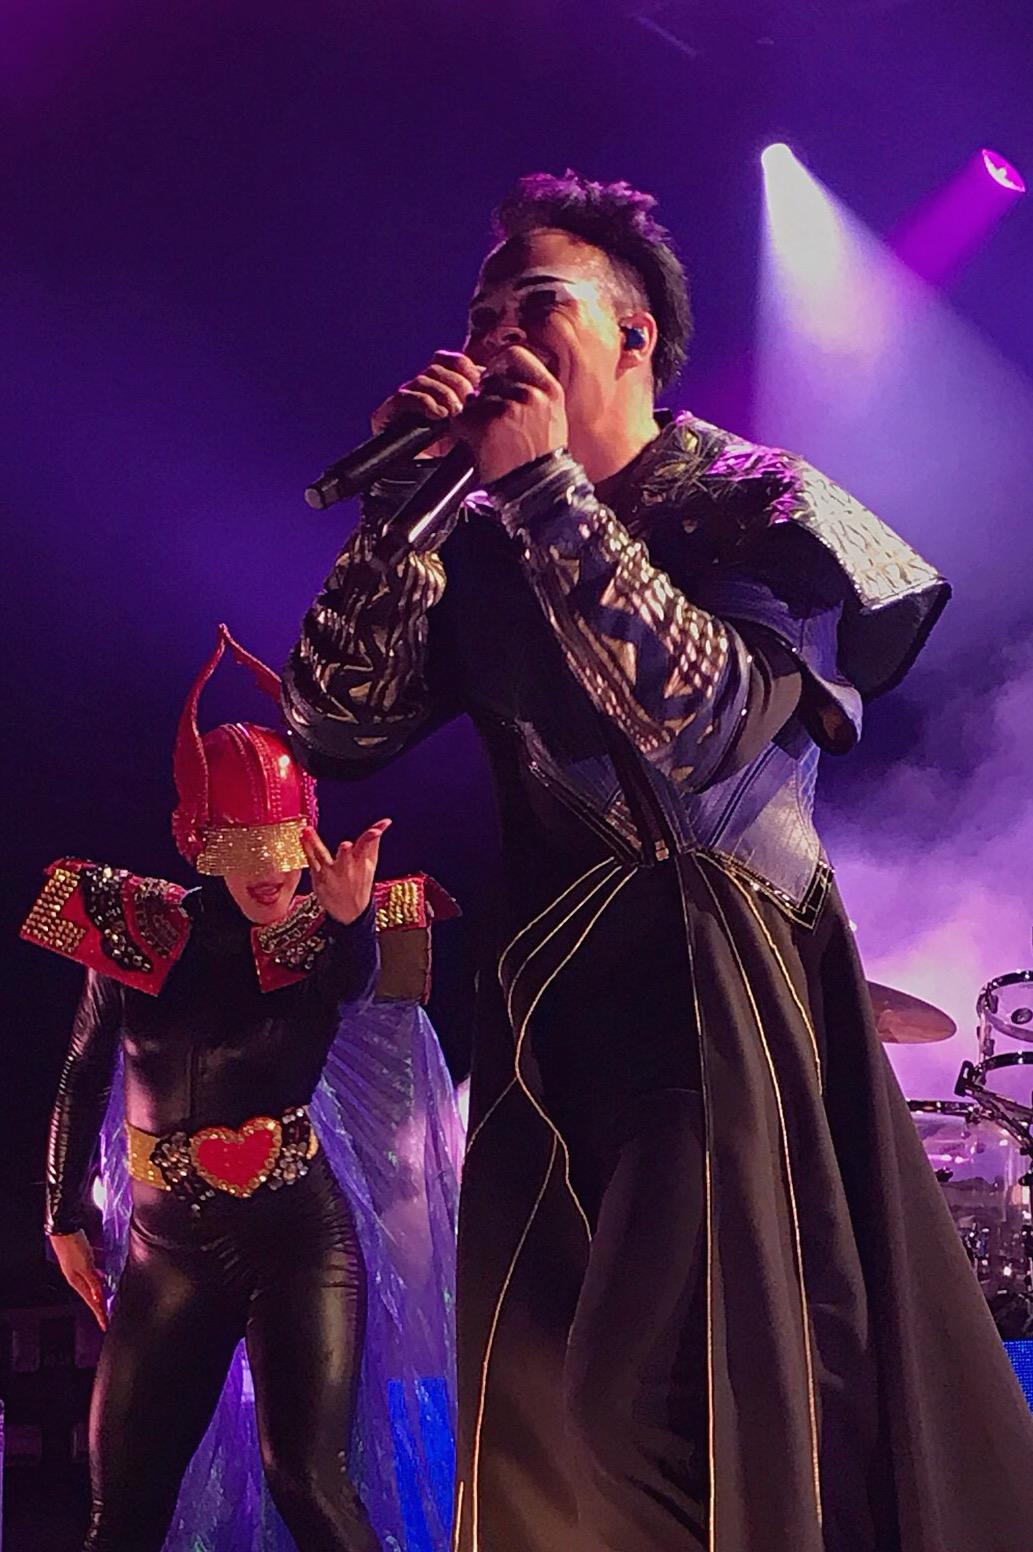 Alive costumes - Empire of the Sun